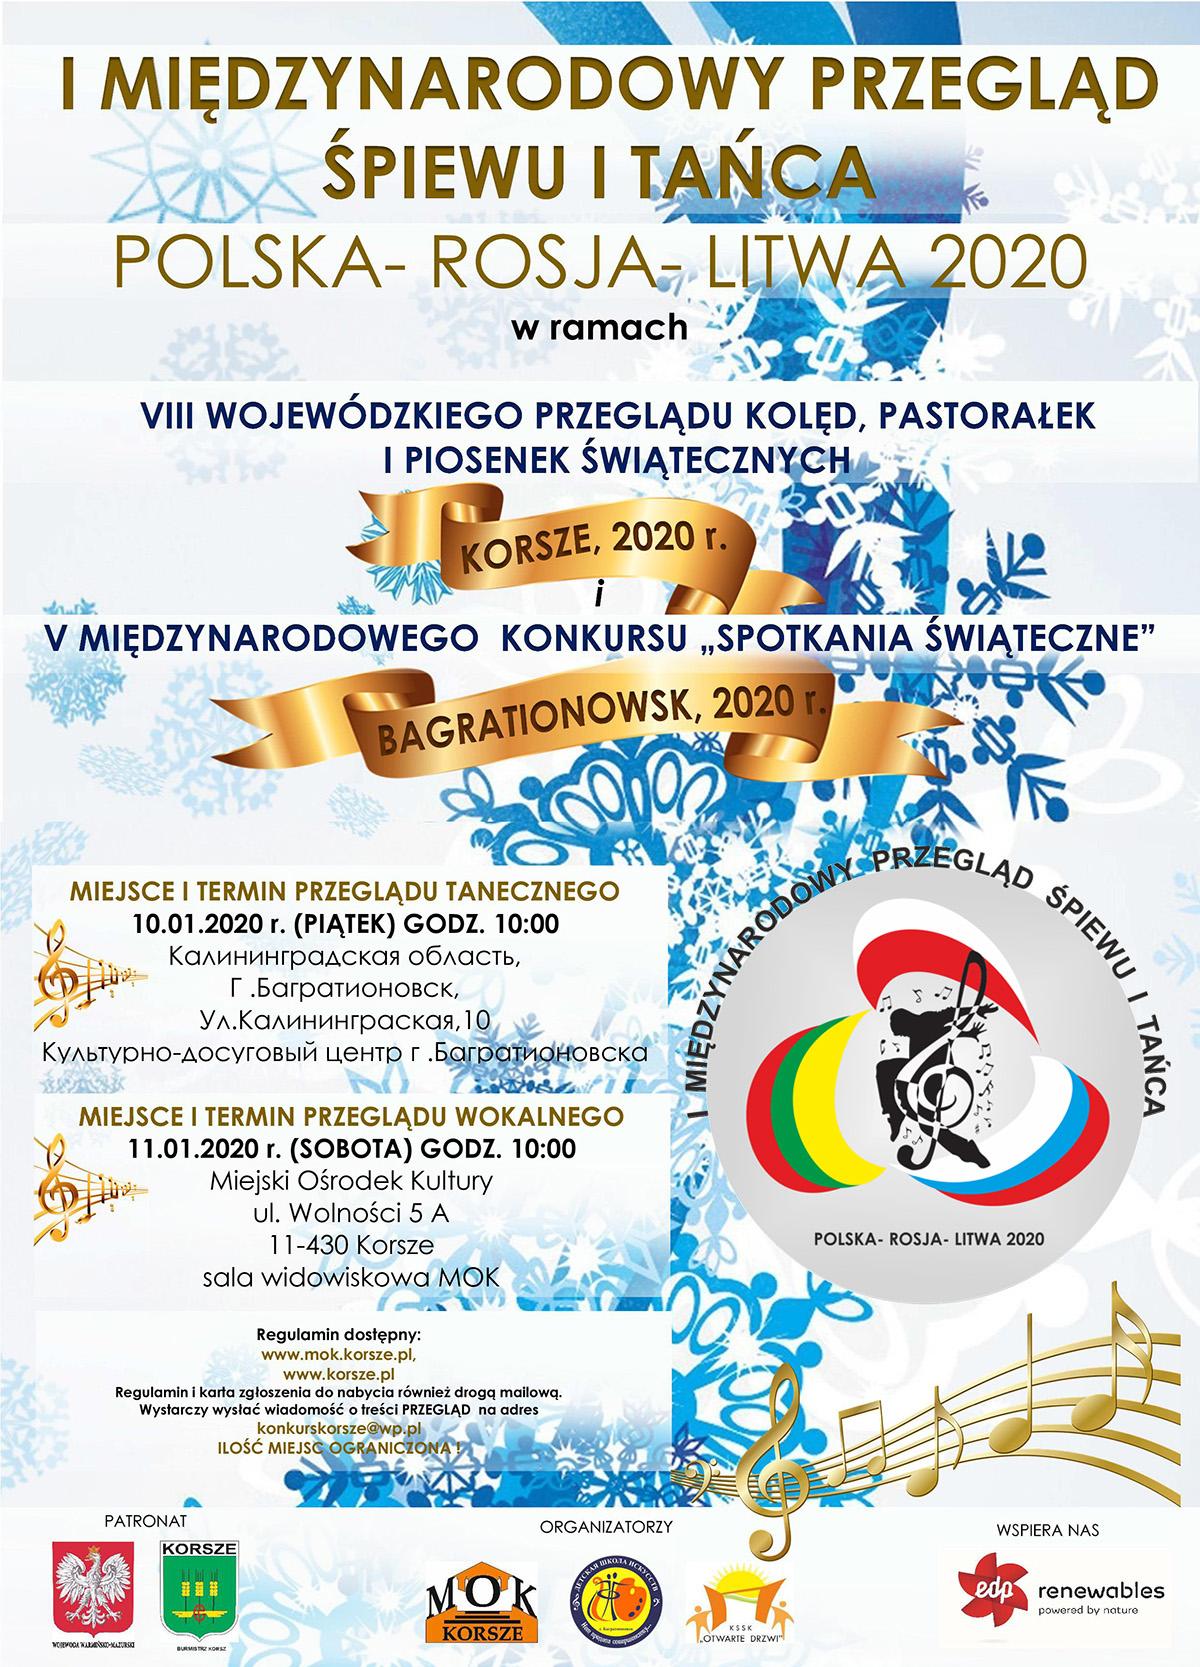 Ilustracja do informacji: I MIĘDZYNARODOWY PRZEGLĄD ŚPIEWU I TAŃCA POLSKA - ROSJA - LITWA 2020